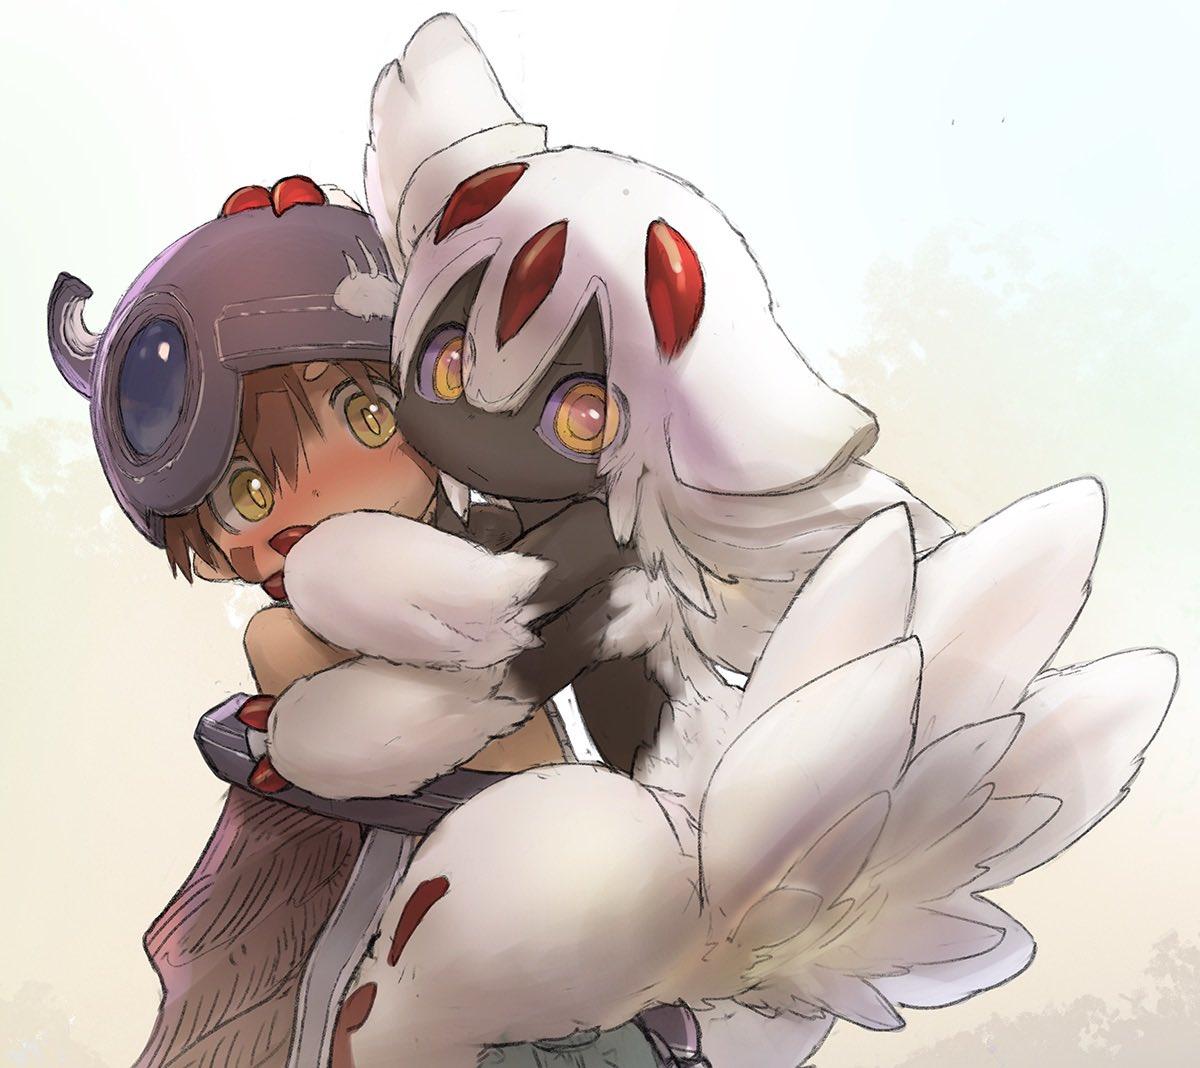 メイドインアビス53話更新されました。https://webcomicgamma.takeshobo.co.jp/manga/madeinabyss/… #WEBコミックガンマ